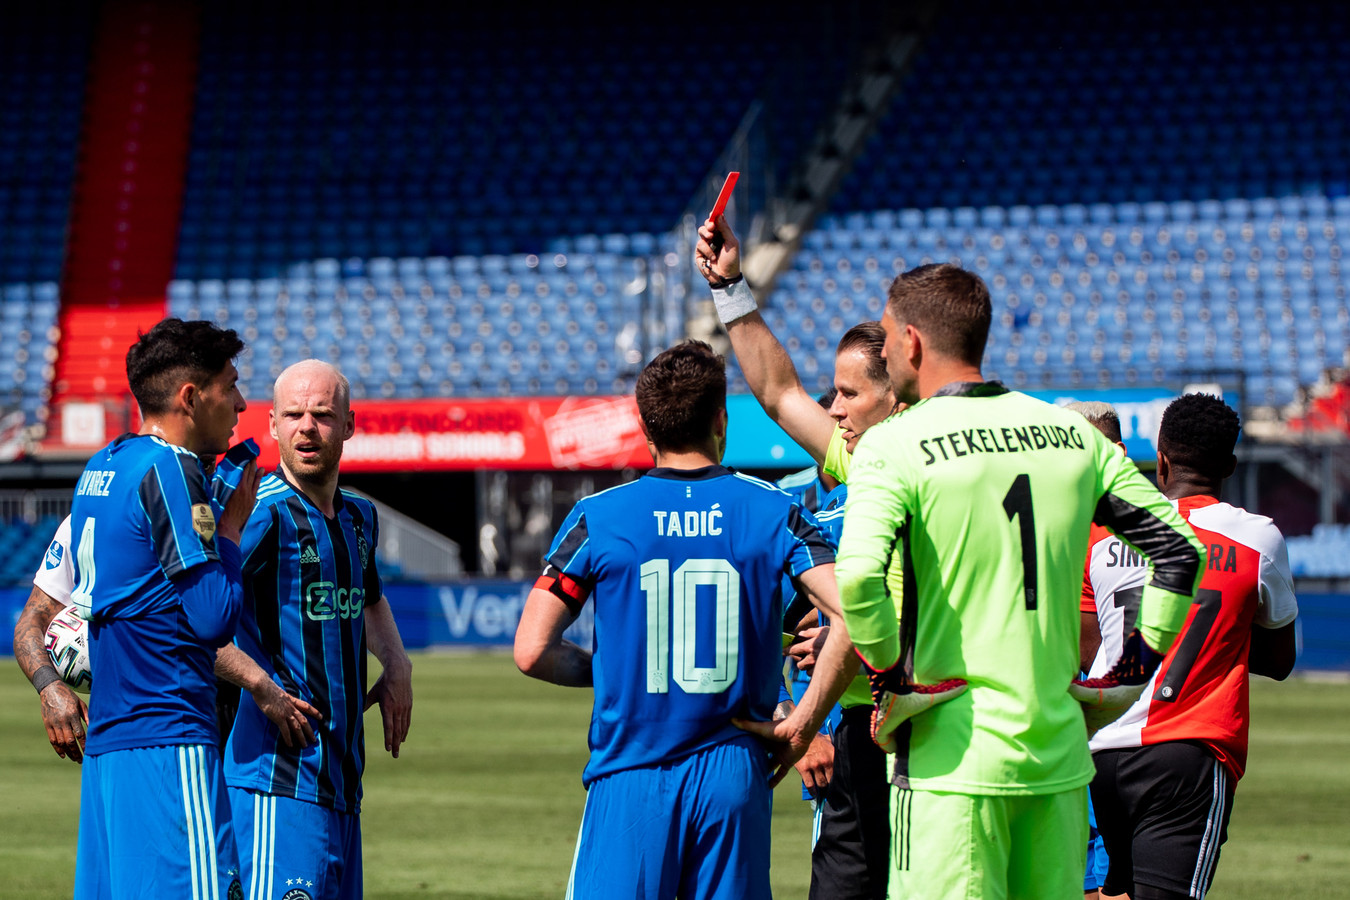 Edson Álvarez kreeg rood in de klassieker na een handsbal op de doellijn.